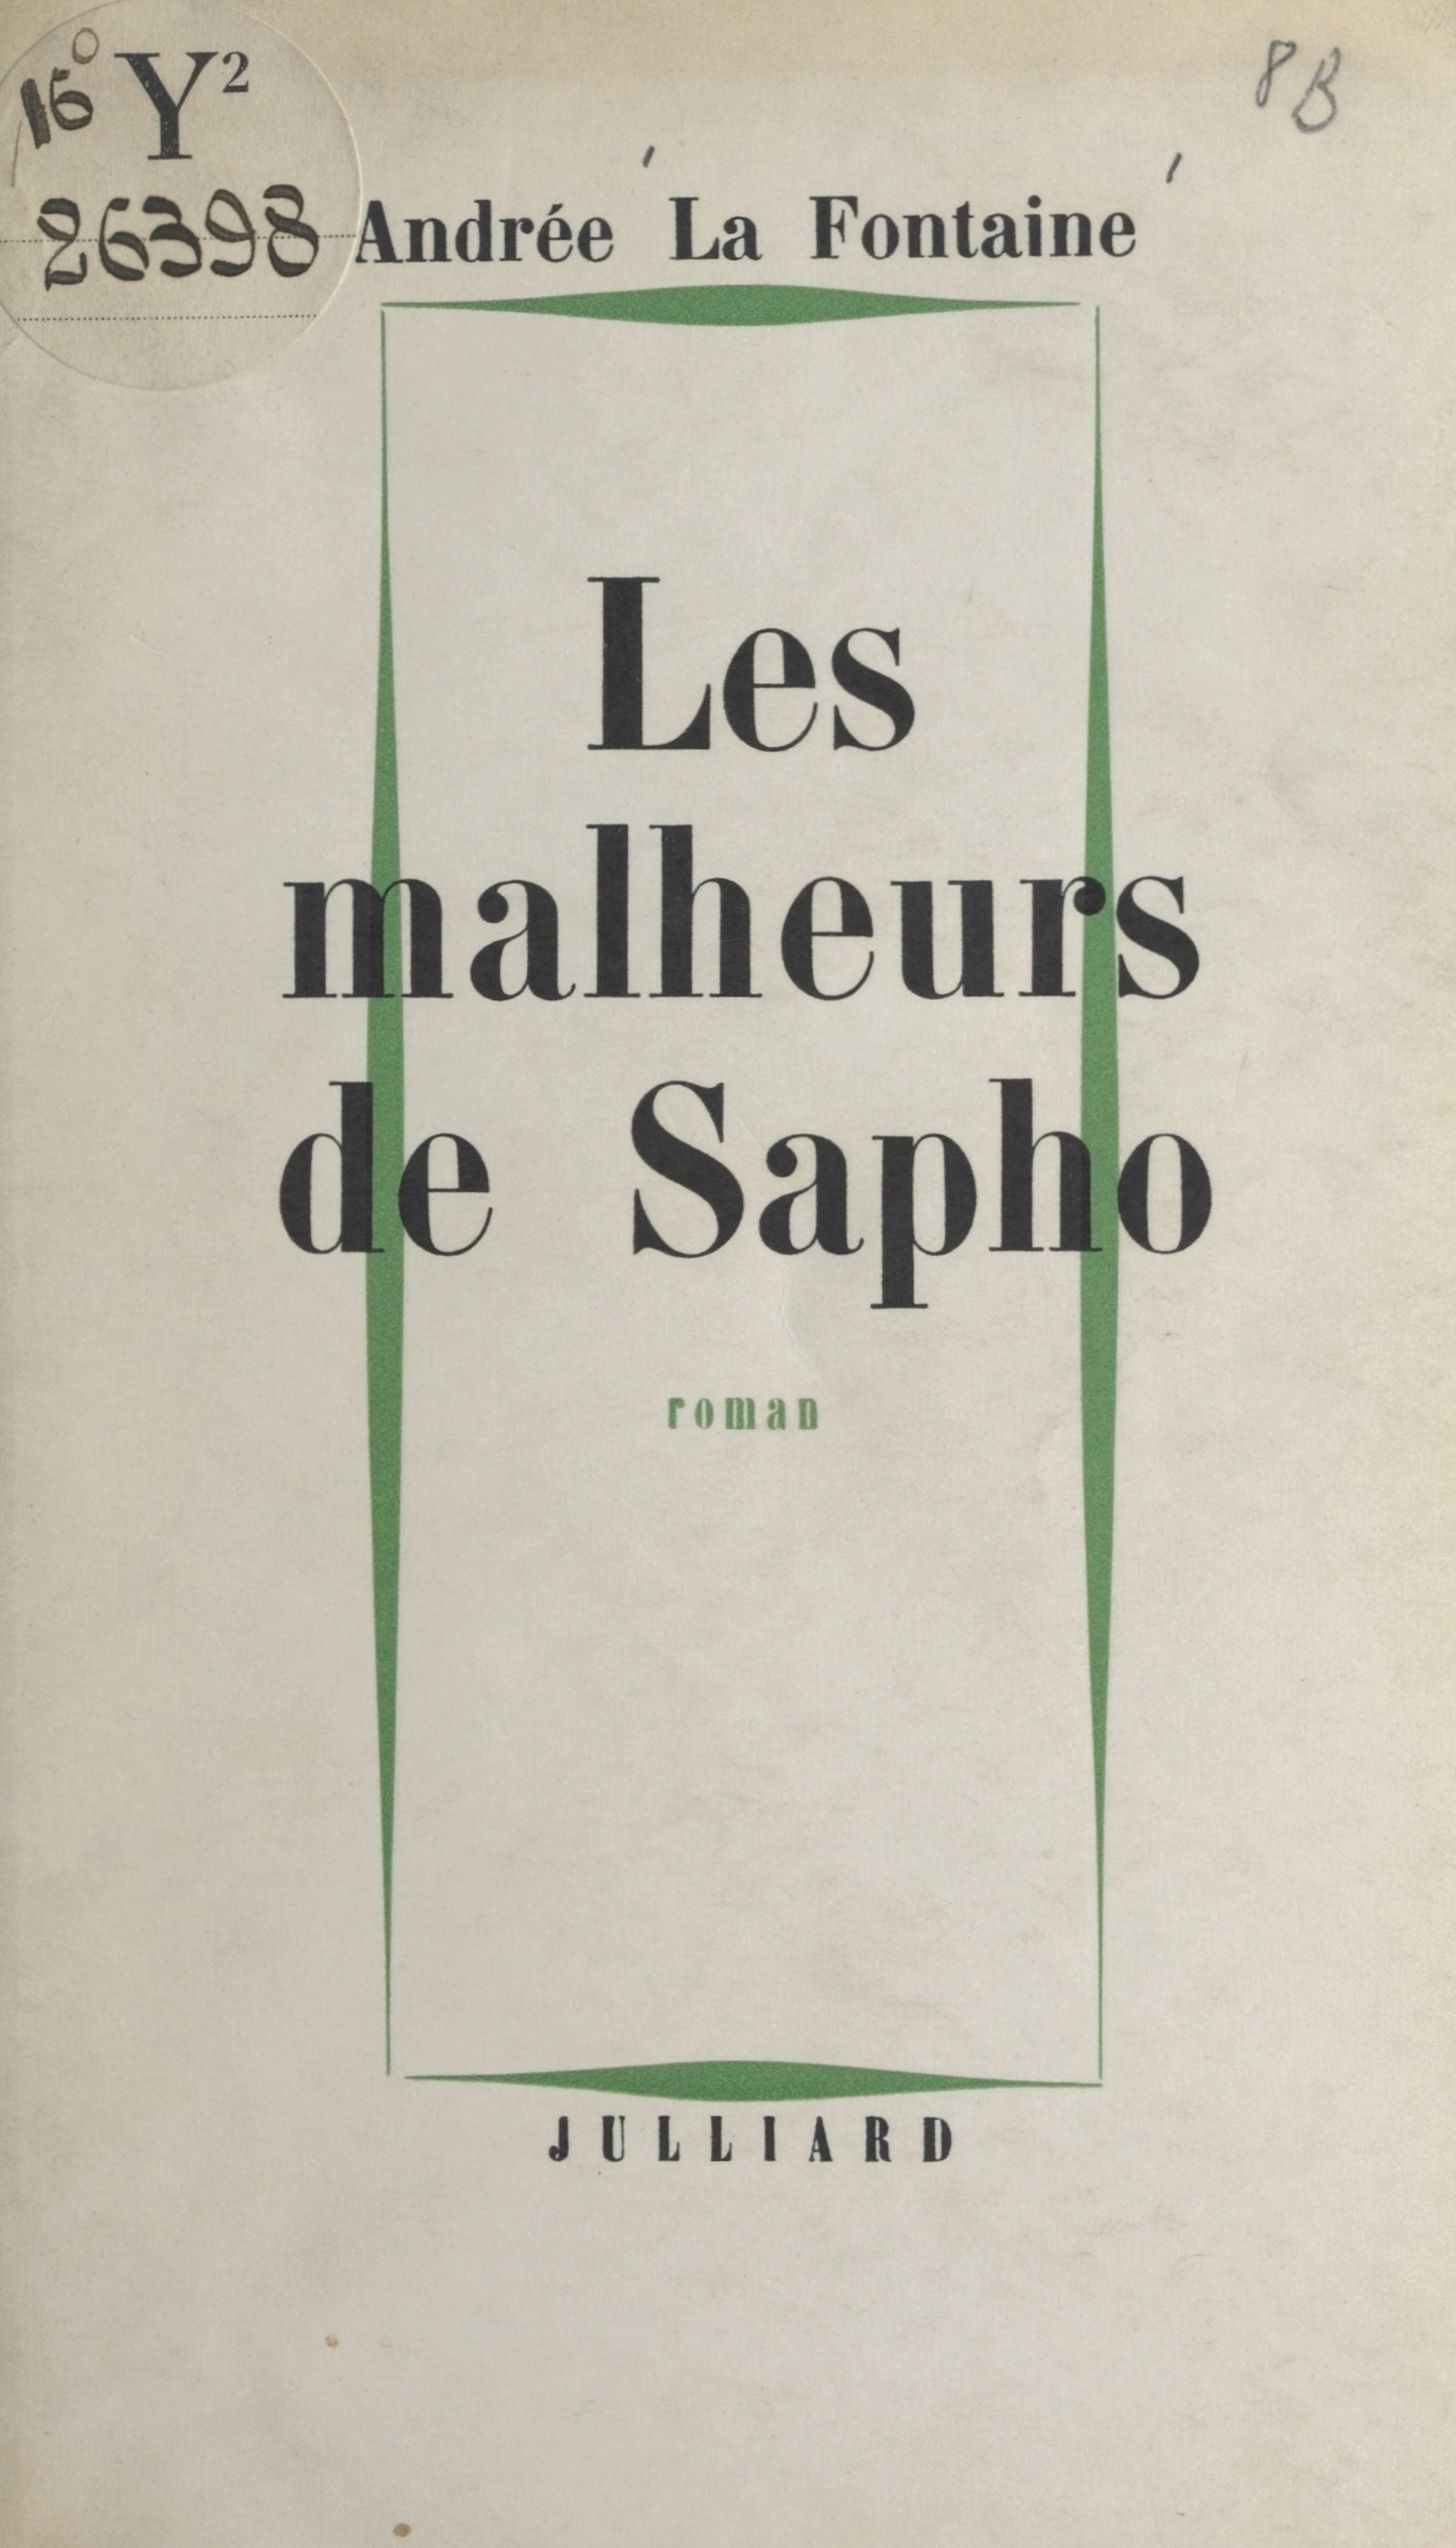 Les malheurs de Sapho